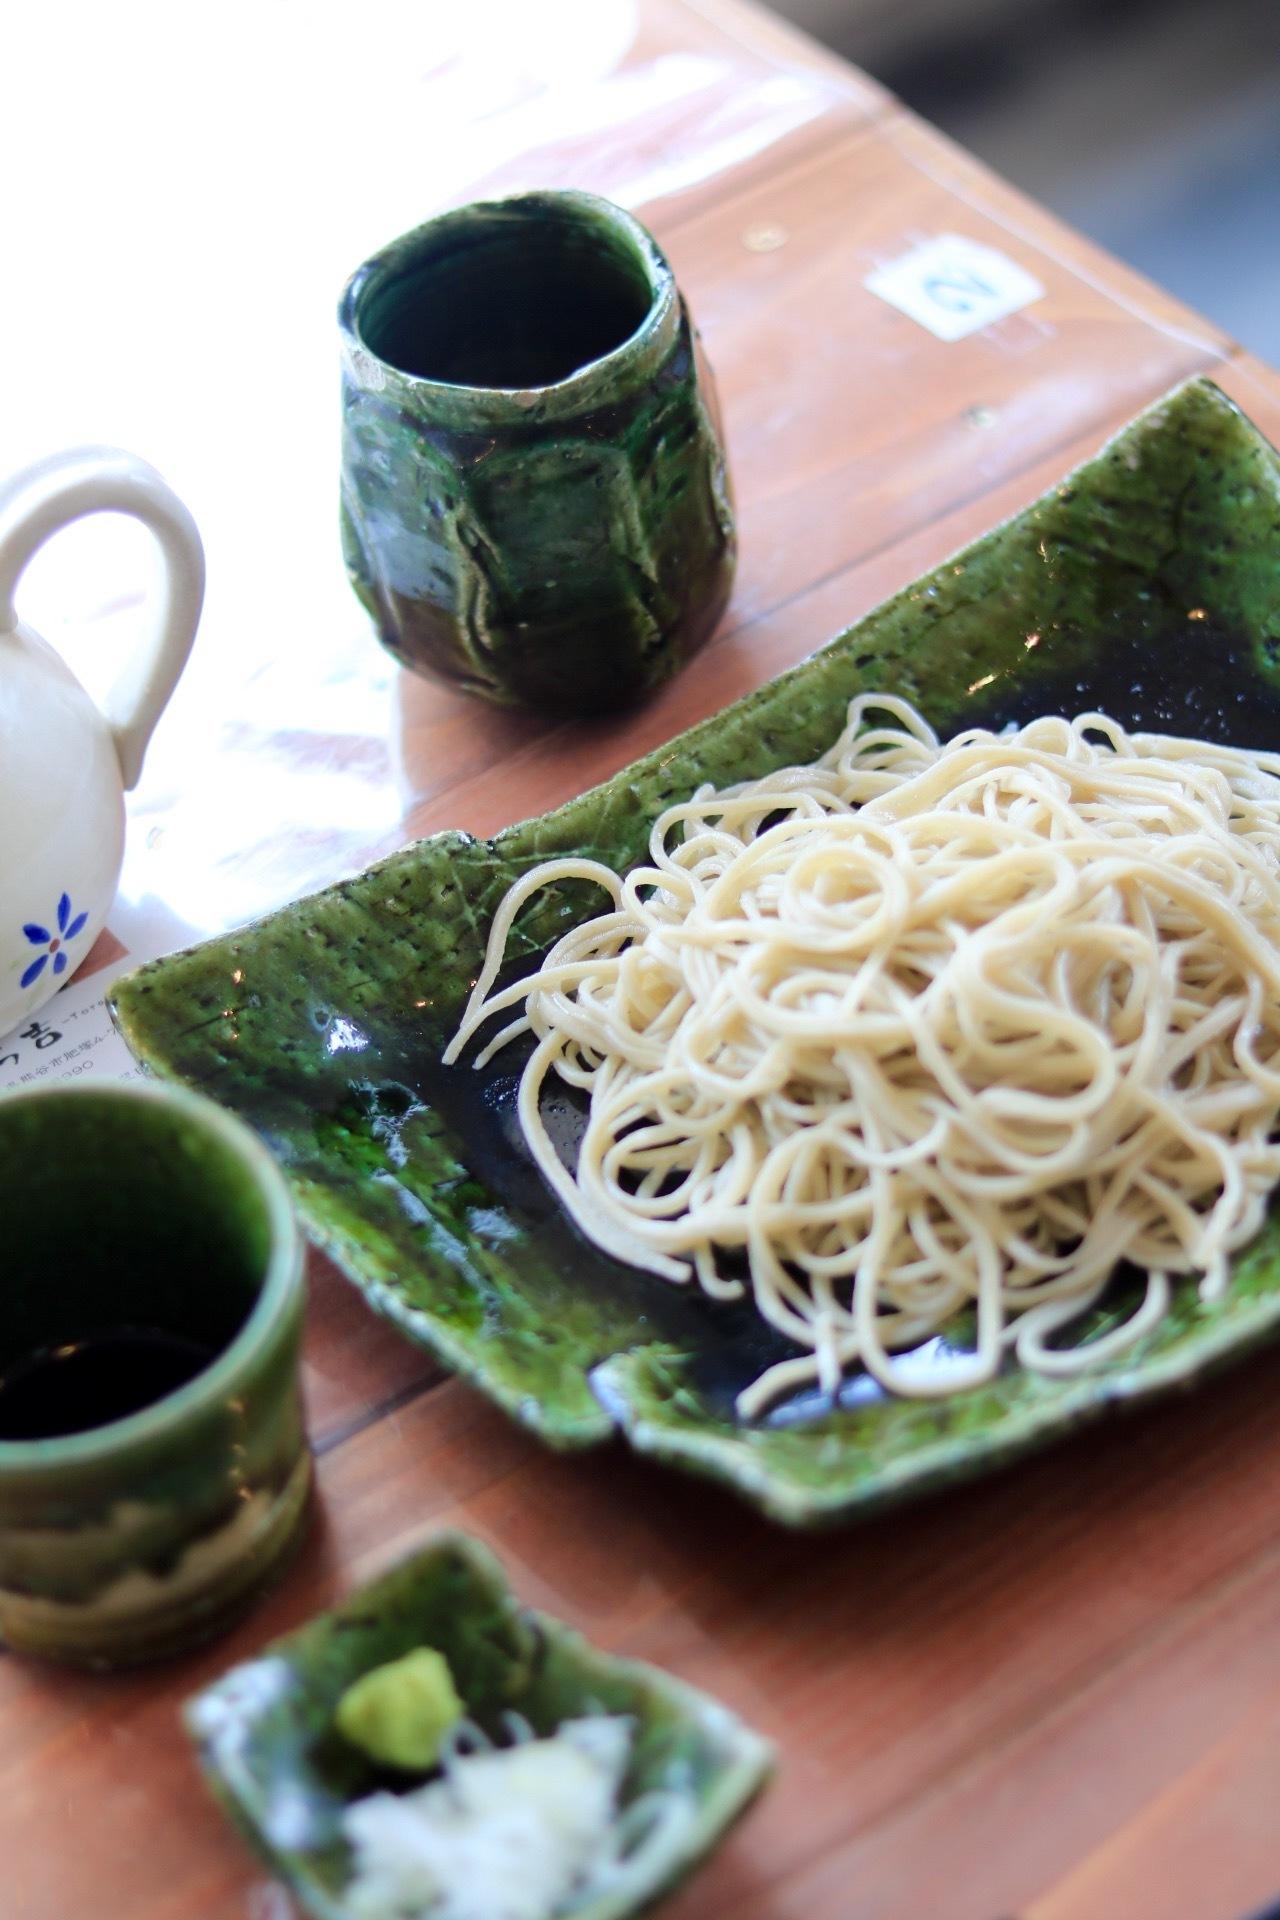 熊谷市のとら吉さんでランチ_c0366722_12481243.jpeg